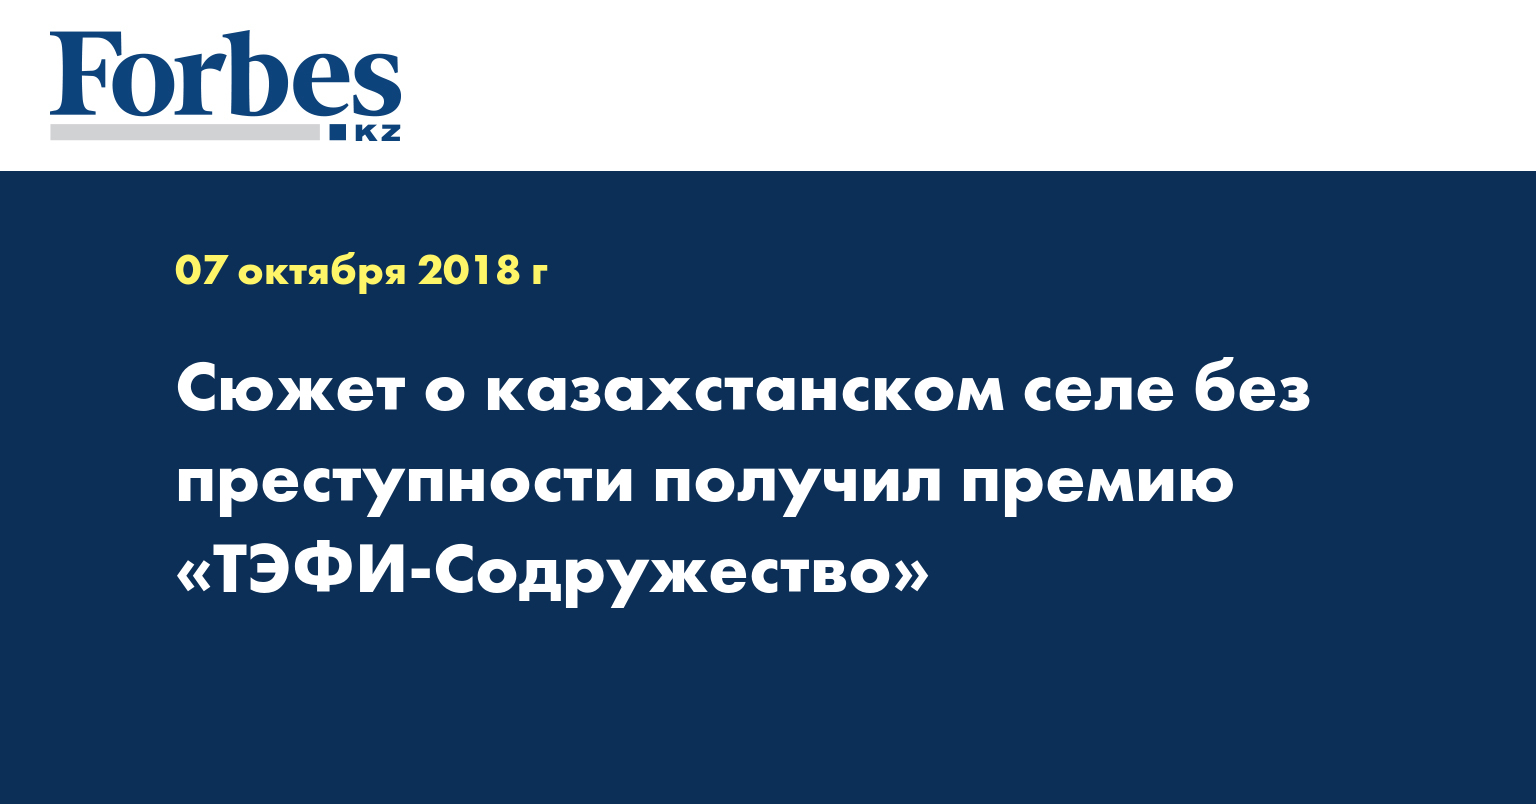 Сюжет о казахстанском селе без преступности получил премию «ТЭФИ-Содружество»